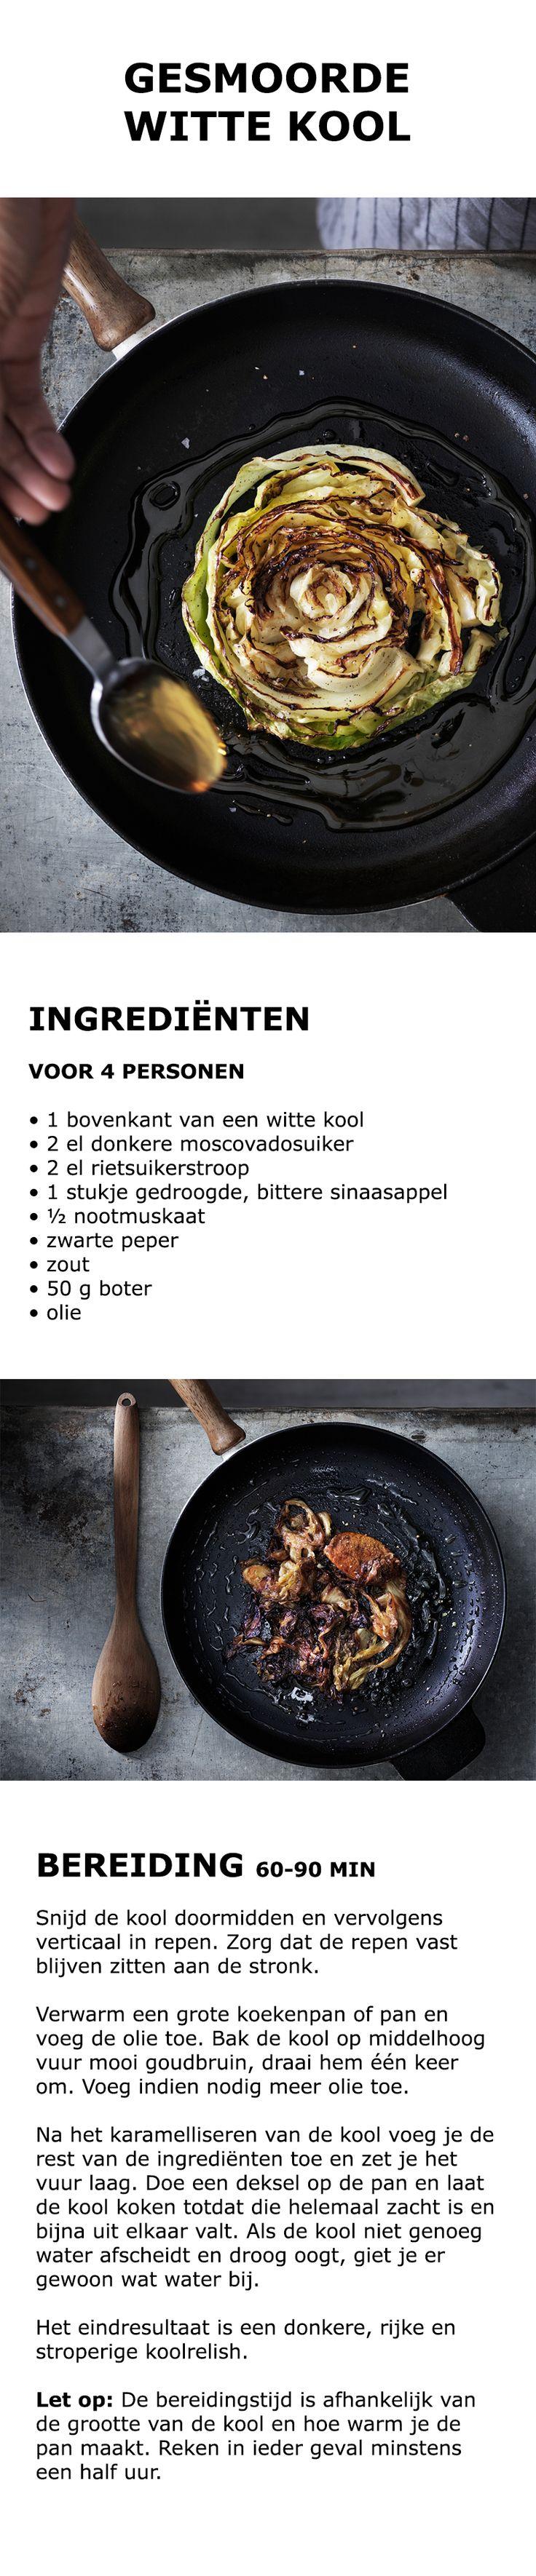 Inspiratie voor de feestdagen - Gesmoorde witte kool | IKEA IKEAnederland koken keuken recept herfst winter kerst diner lunch zweeds gerecht menu